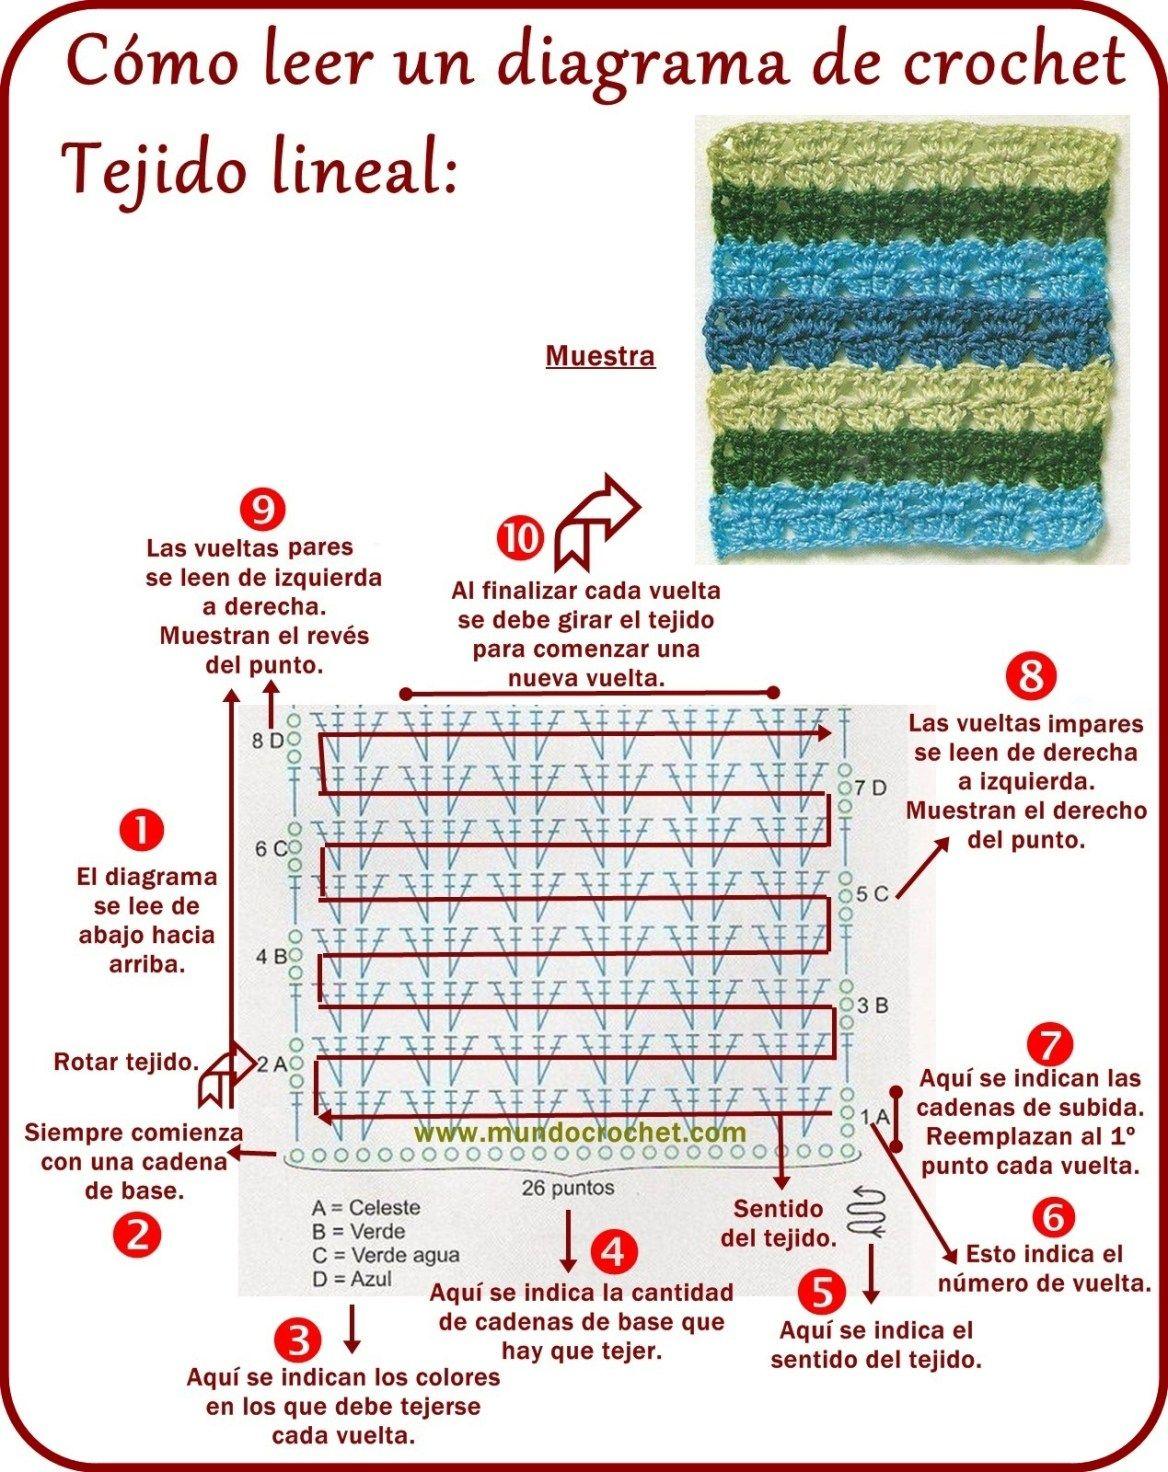 Como leer diagramas de crochet o ganchillo00 | cómo leer patrones ...